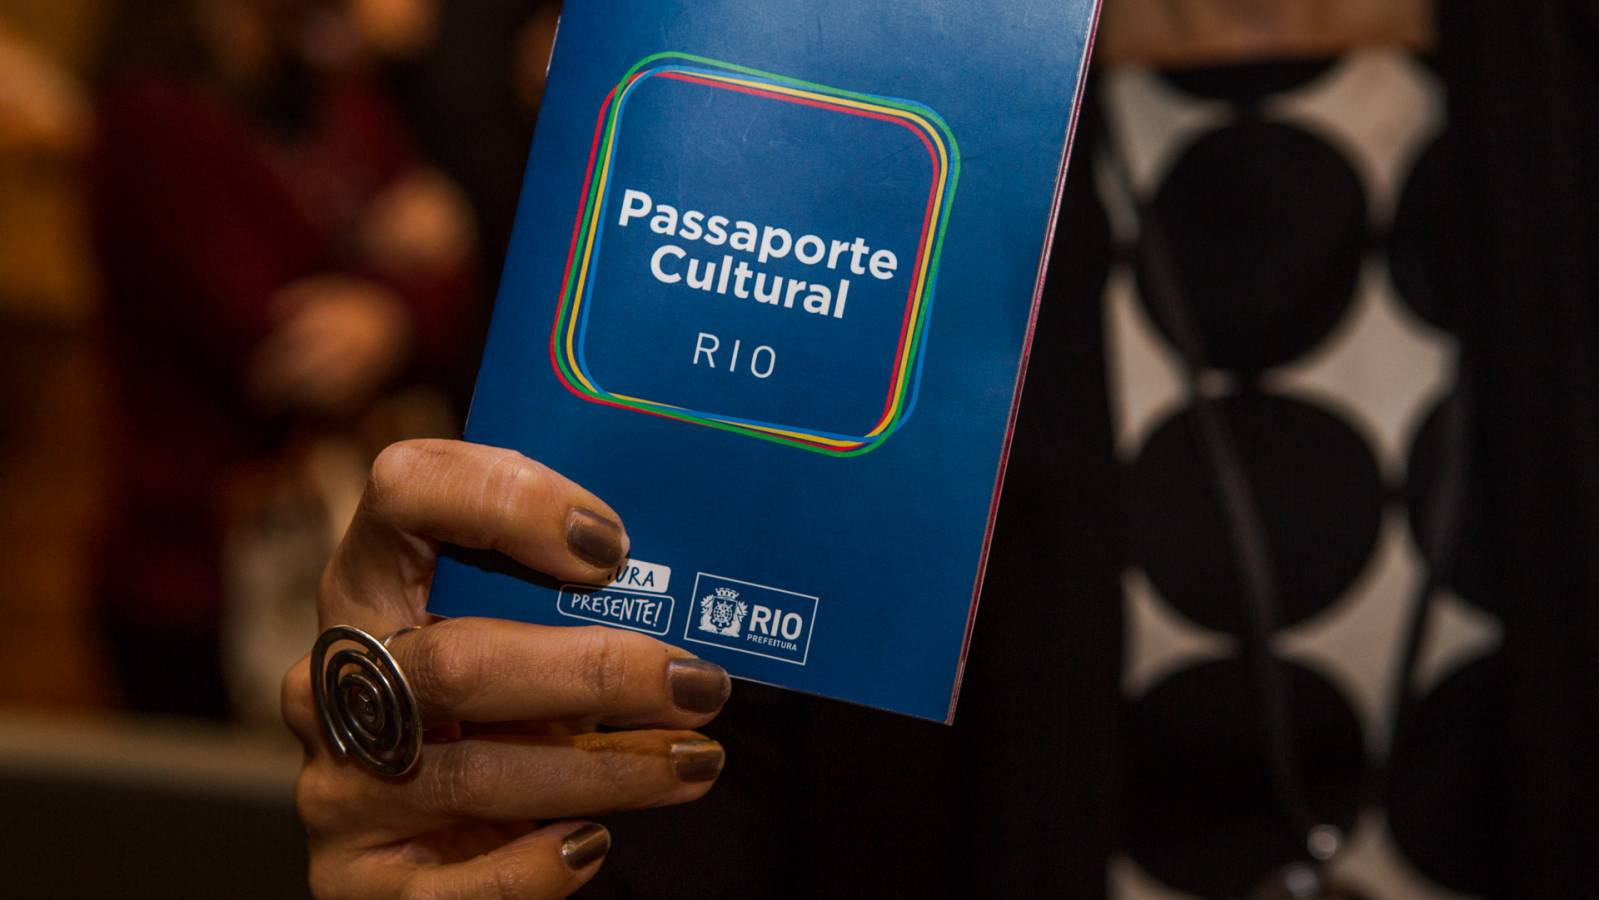 Lançado o Passaporte Cultural Rio de 2016